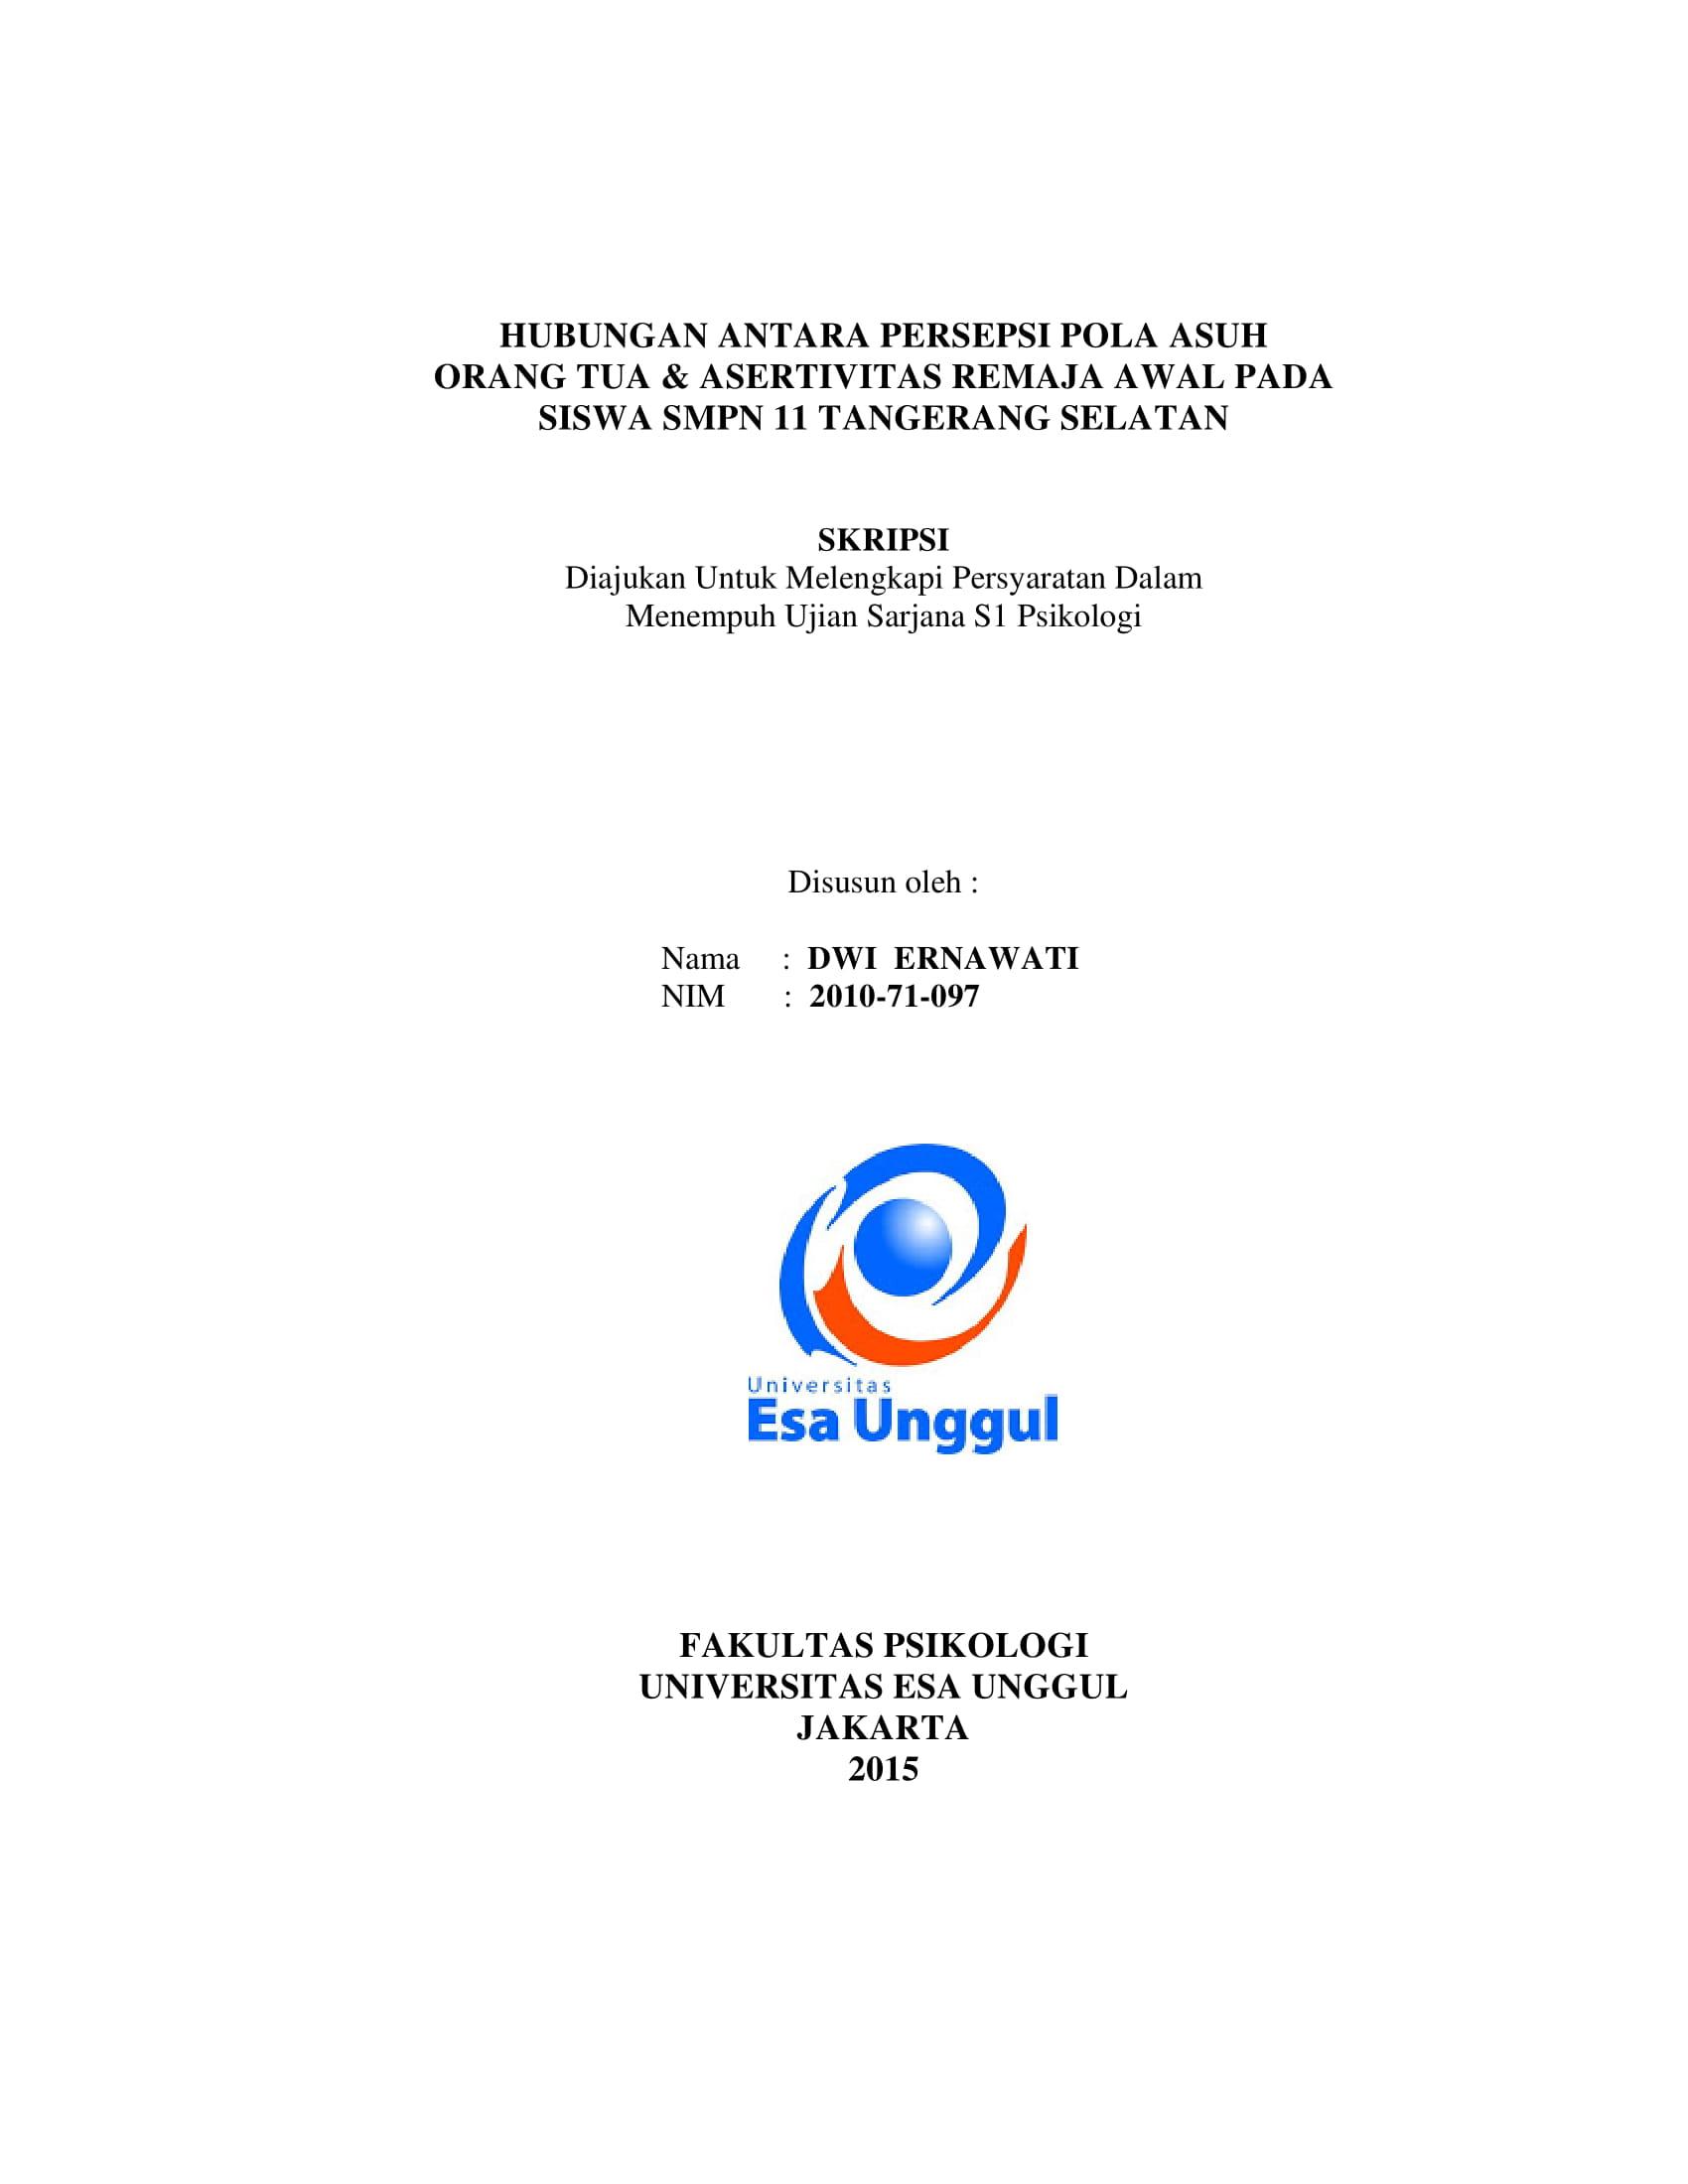 Hubungan Antara Persepsi Pola Asuh Orang Tua & Asertivitas Remaja Awal pada Siswa SMPN 11 Tangerang Selatan